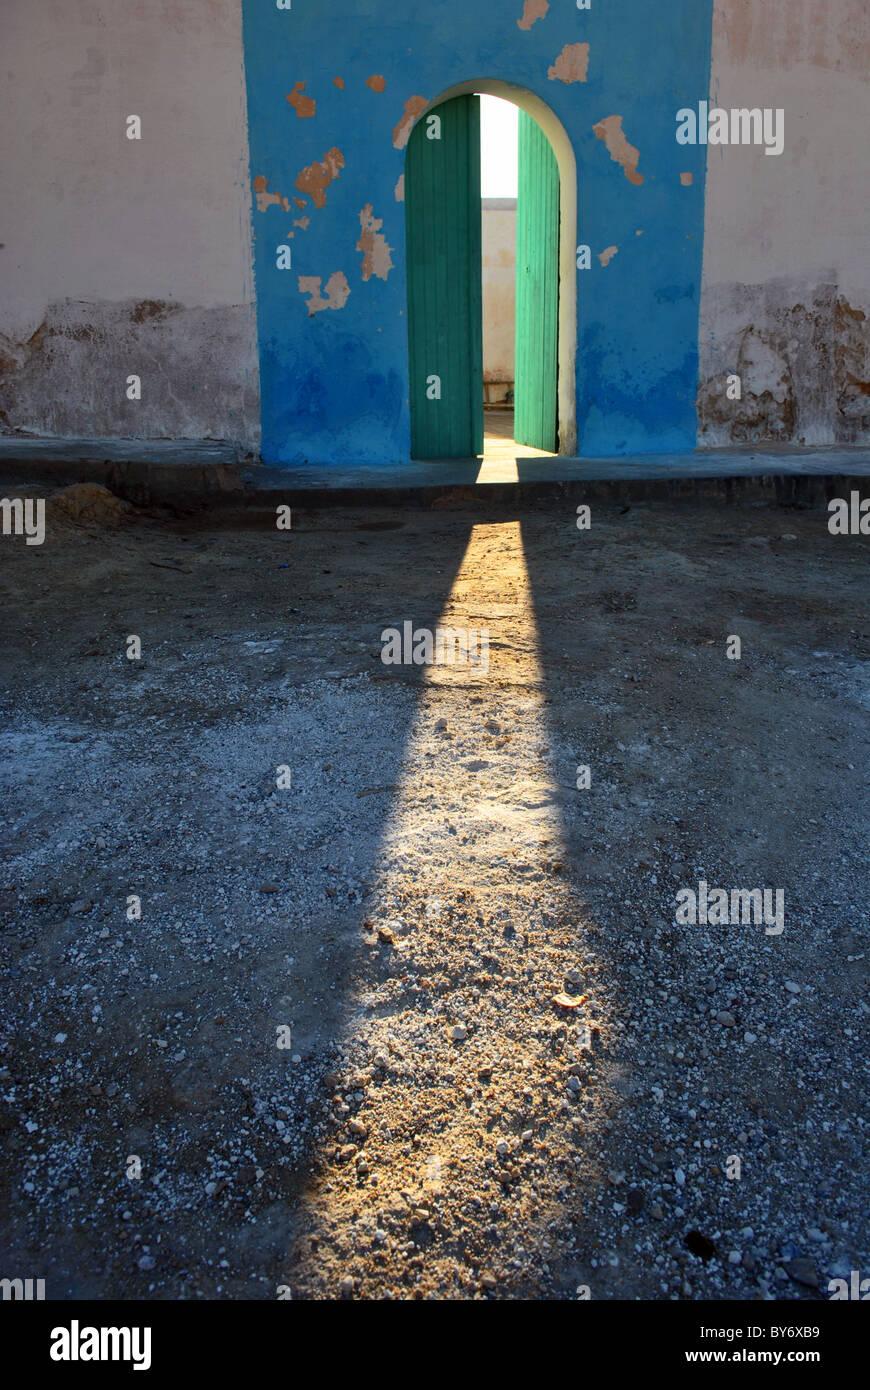 Le soleil qui rayonne à travers une porte ouverte, Tunisie Banque D'Images